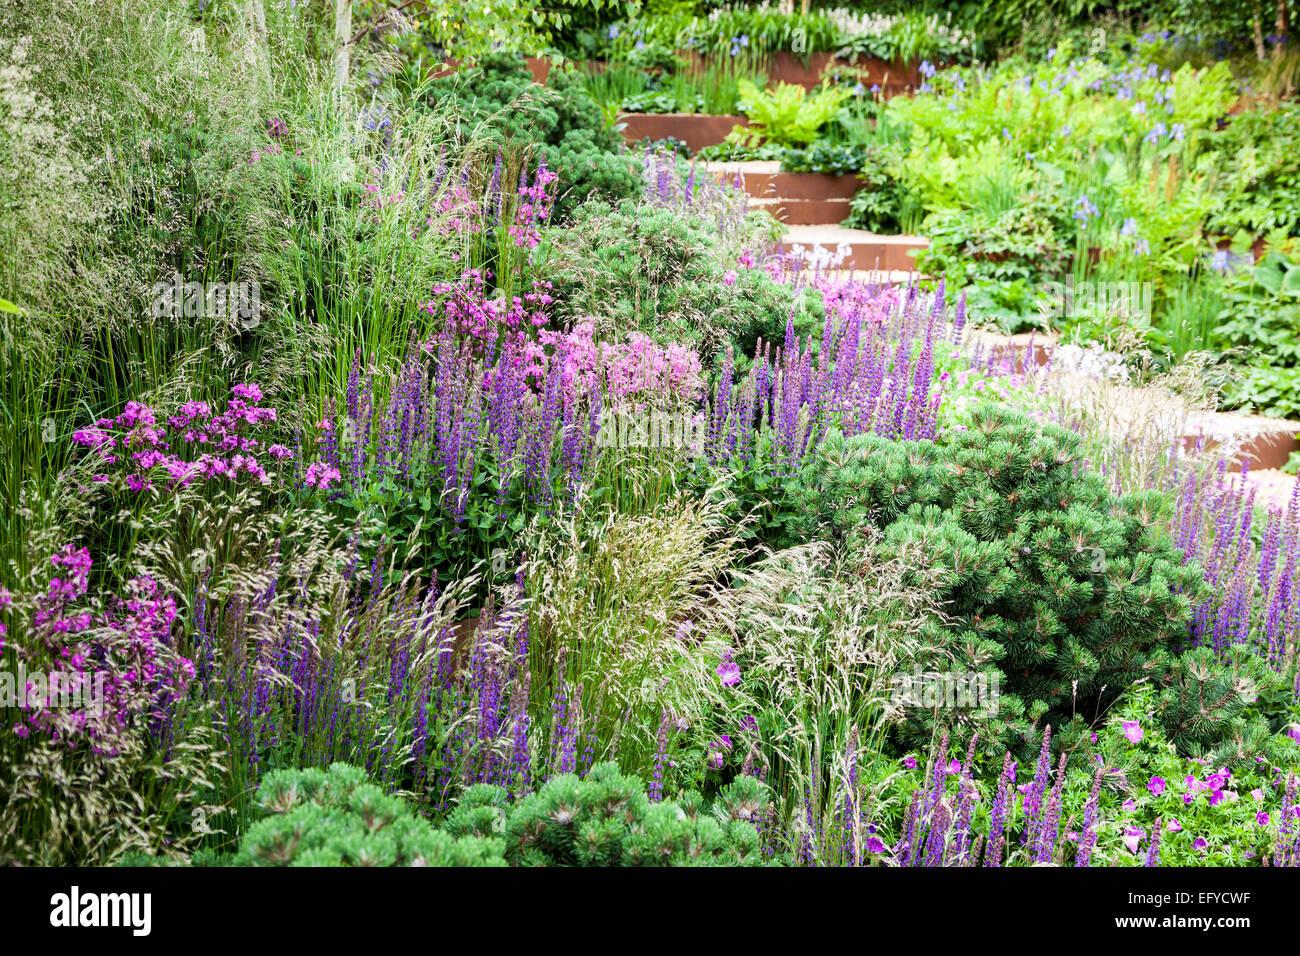 Garten mit grasern und kies  Kies mit Corten-Stahl durch abfallenden Garten mit Gräsern, kleine ...